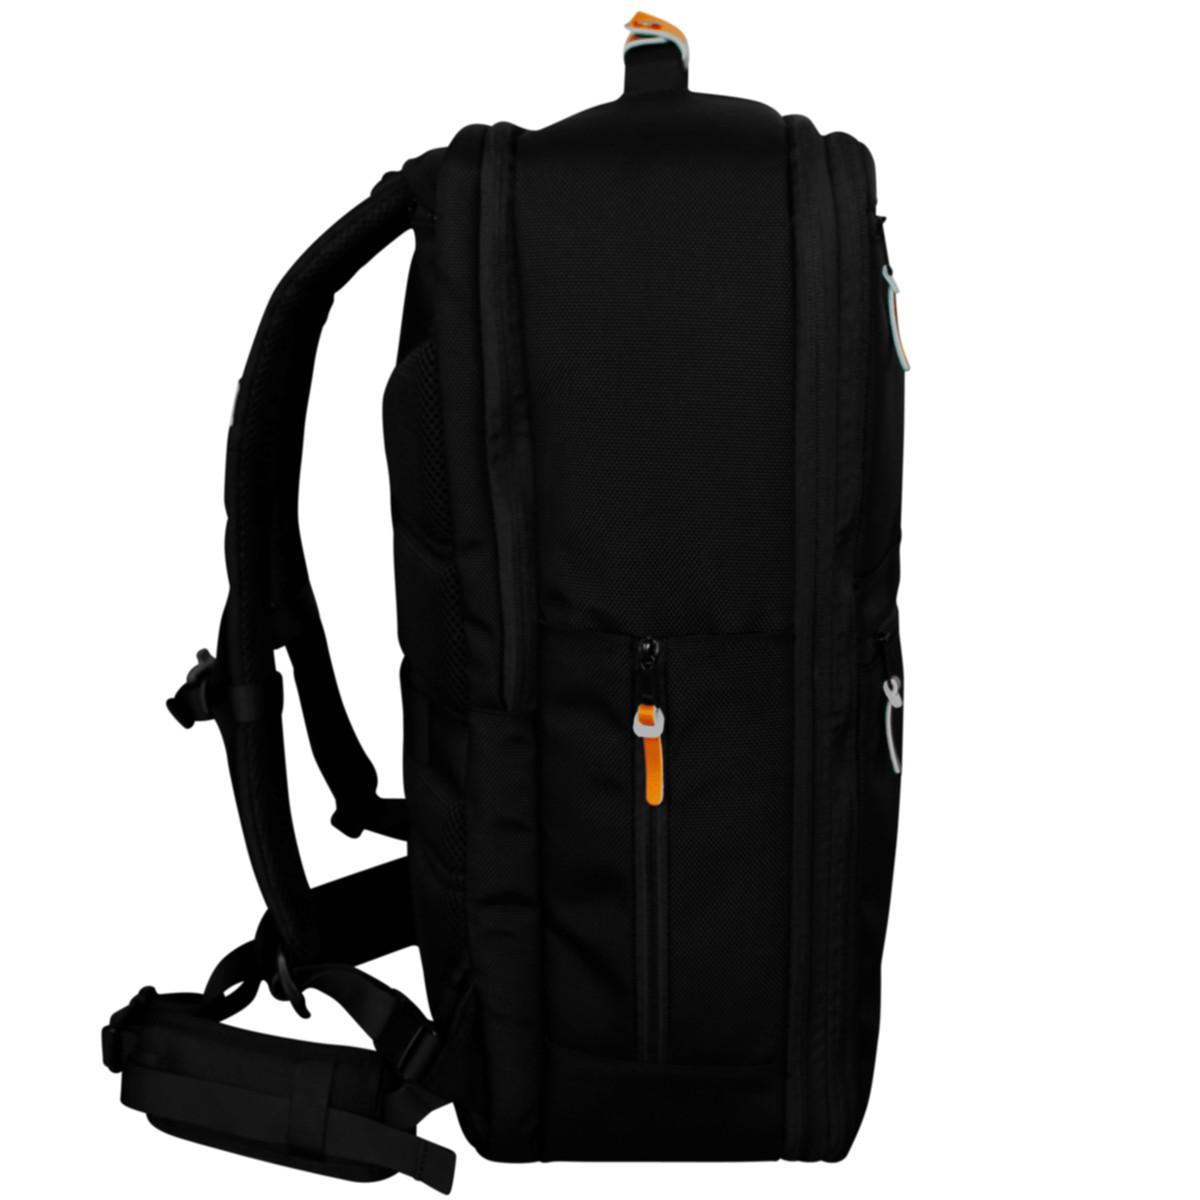 加拿大_Standard_Luggage_三用行李袋7